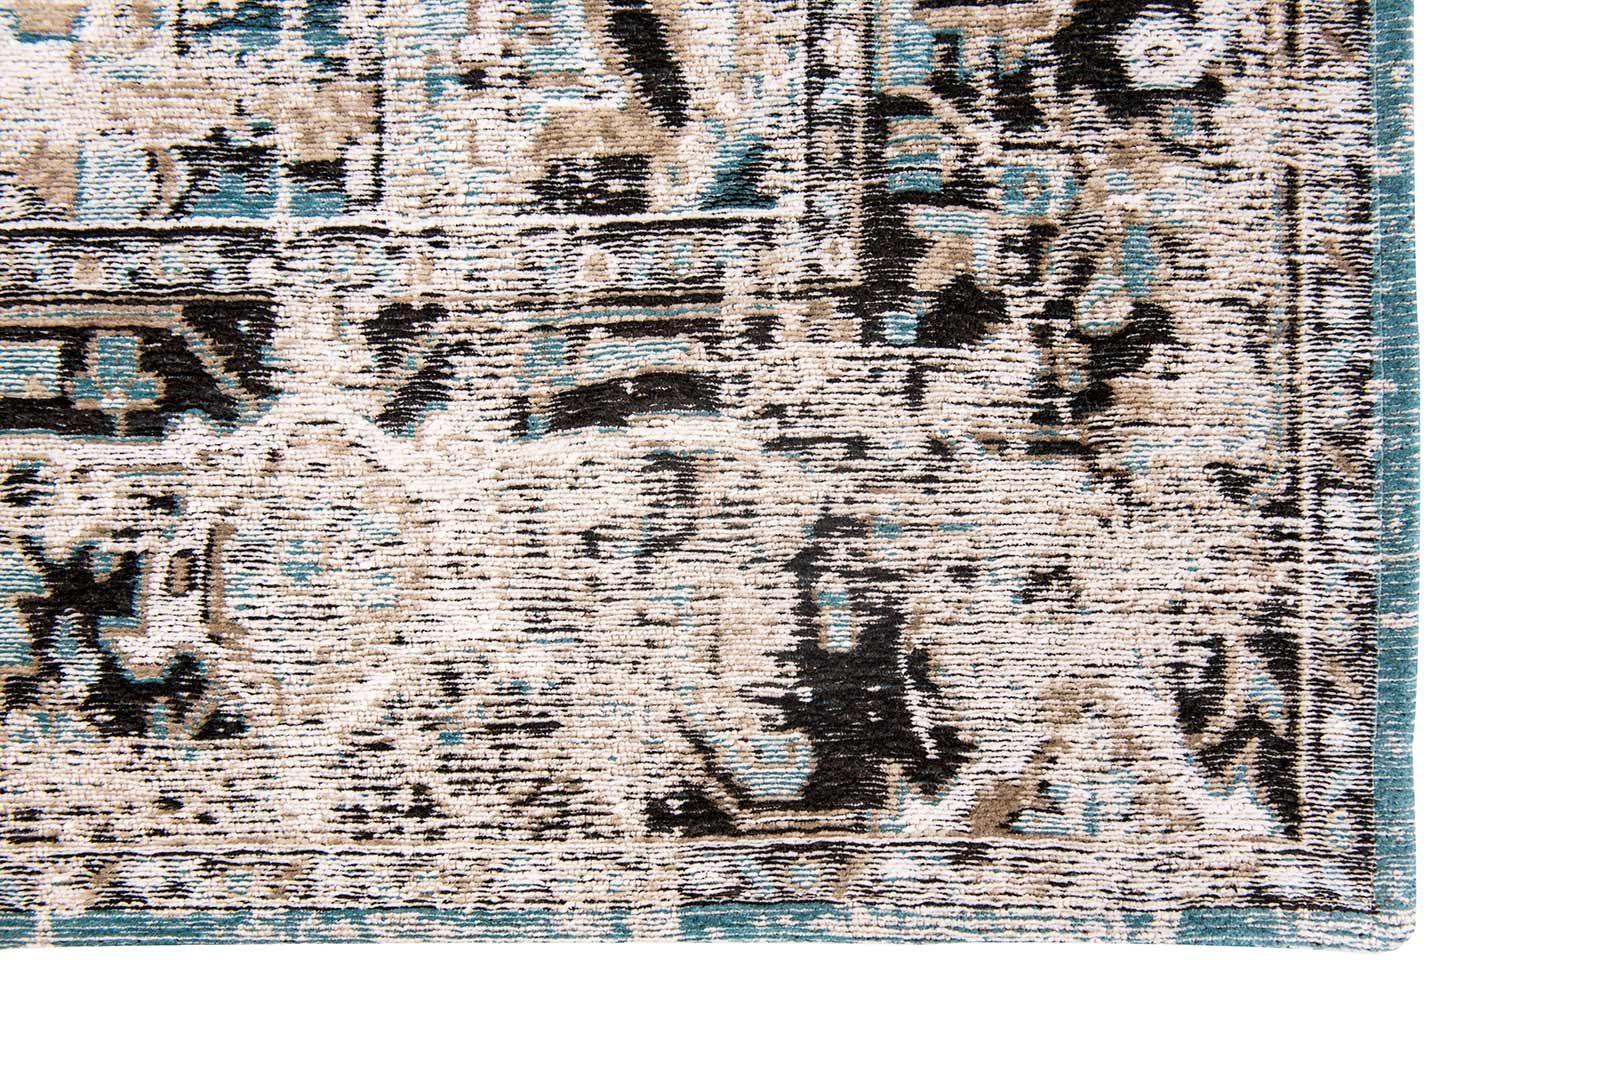 rugs Louis De Poortere LX8708 Antiquarian Antique Heriz Golden Horn Beige corner